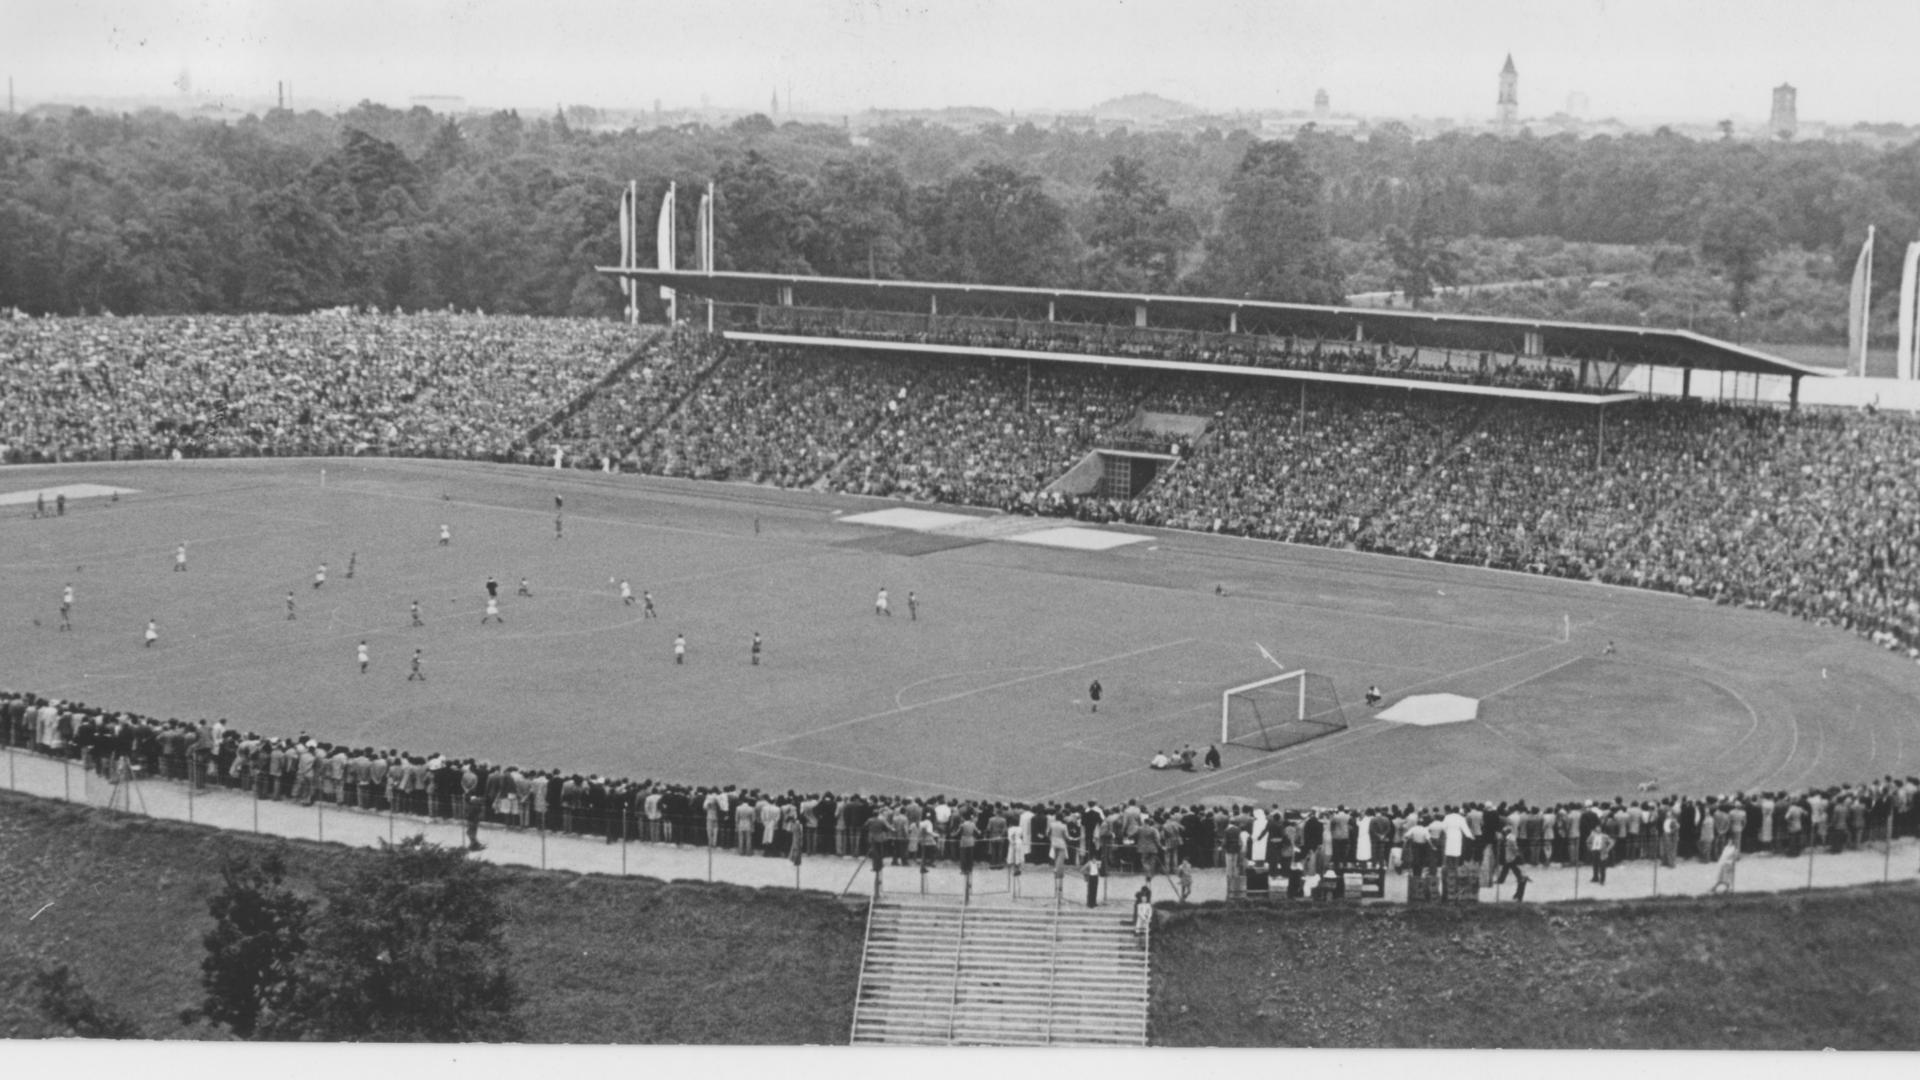 Stolzer Moment II: Prächtig liegt es da, das hochmoderne Wildparkstadion, als am 7. August 1955 etwa 45.000 Zuschauer zur Einweihung den KSC gegen Rot-Weiß Essen spielen sehen wollen.